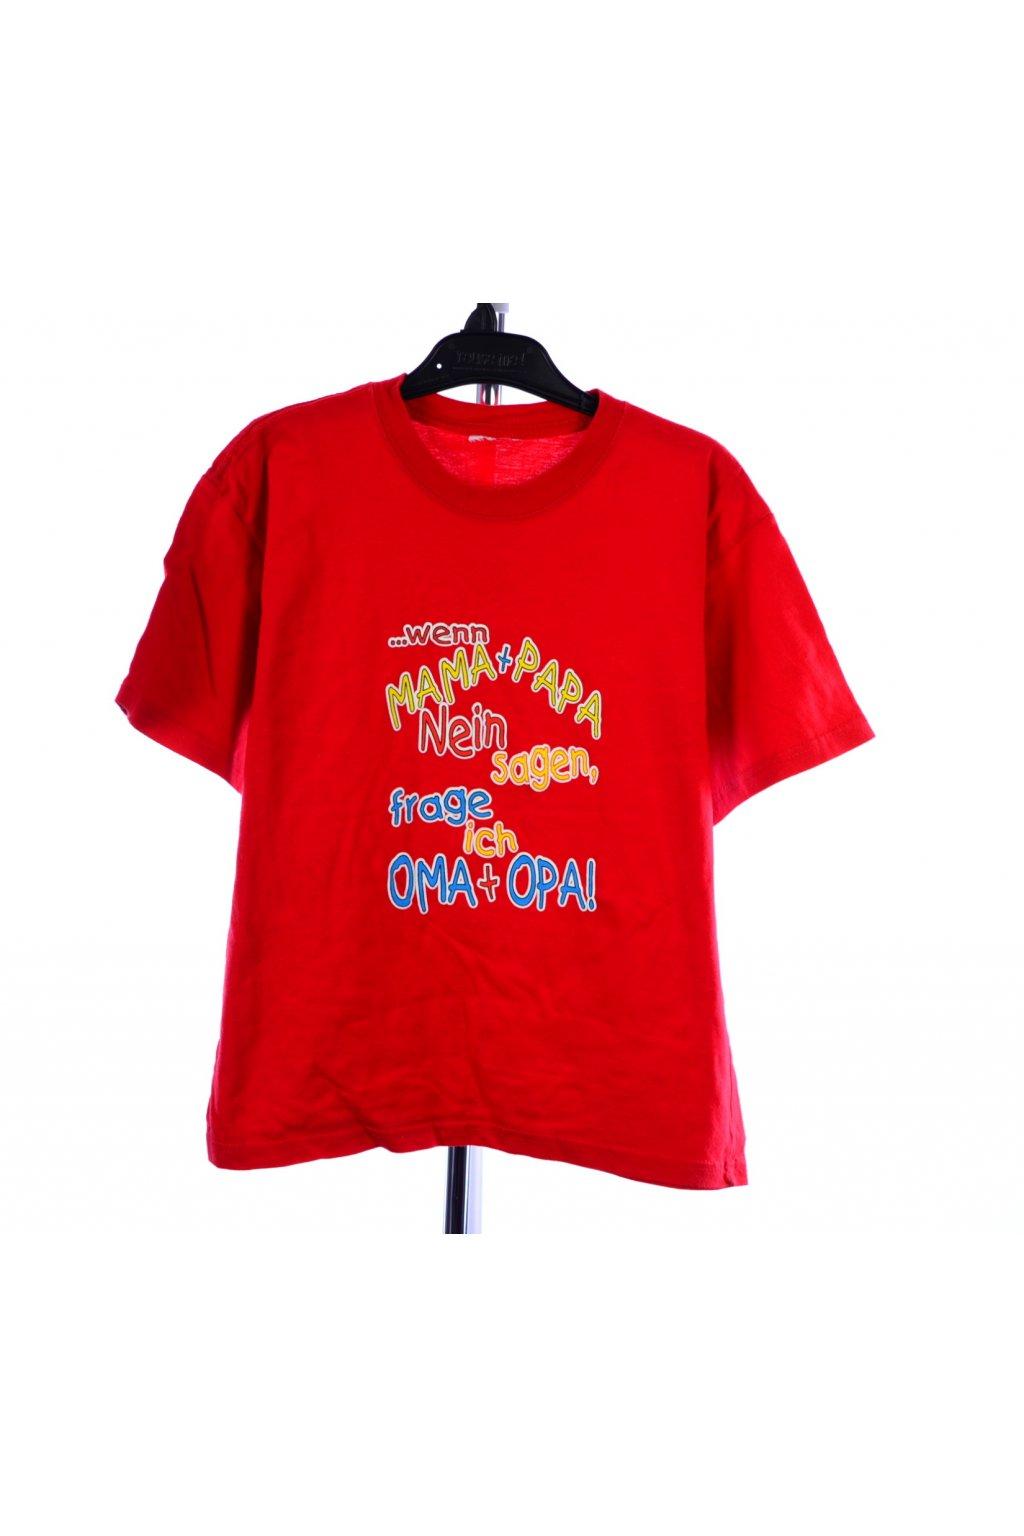 Tričko červené s nápisem vel. 140 - 146